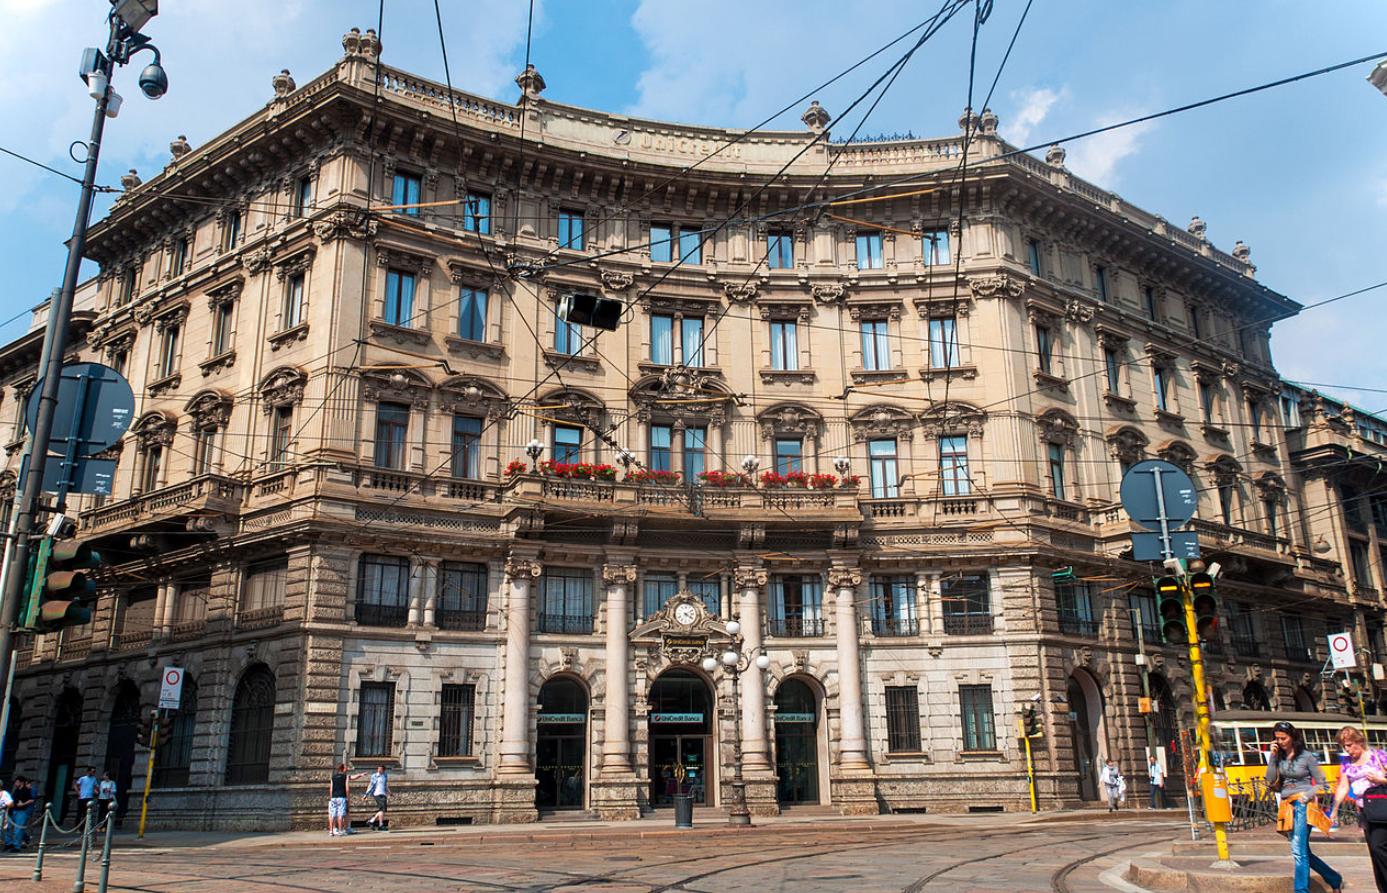 复星国际控股的葡萄牙保险公司将投资1亿欧元,重建米兰地标建筑 Palazzo del Credito Italiano 大楼